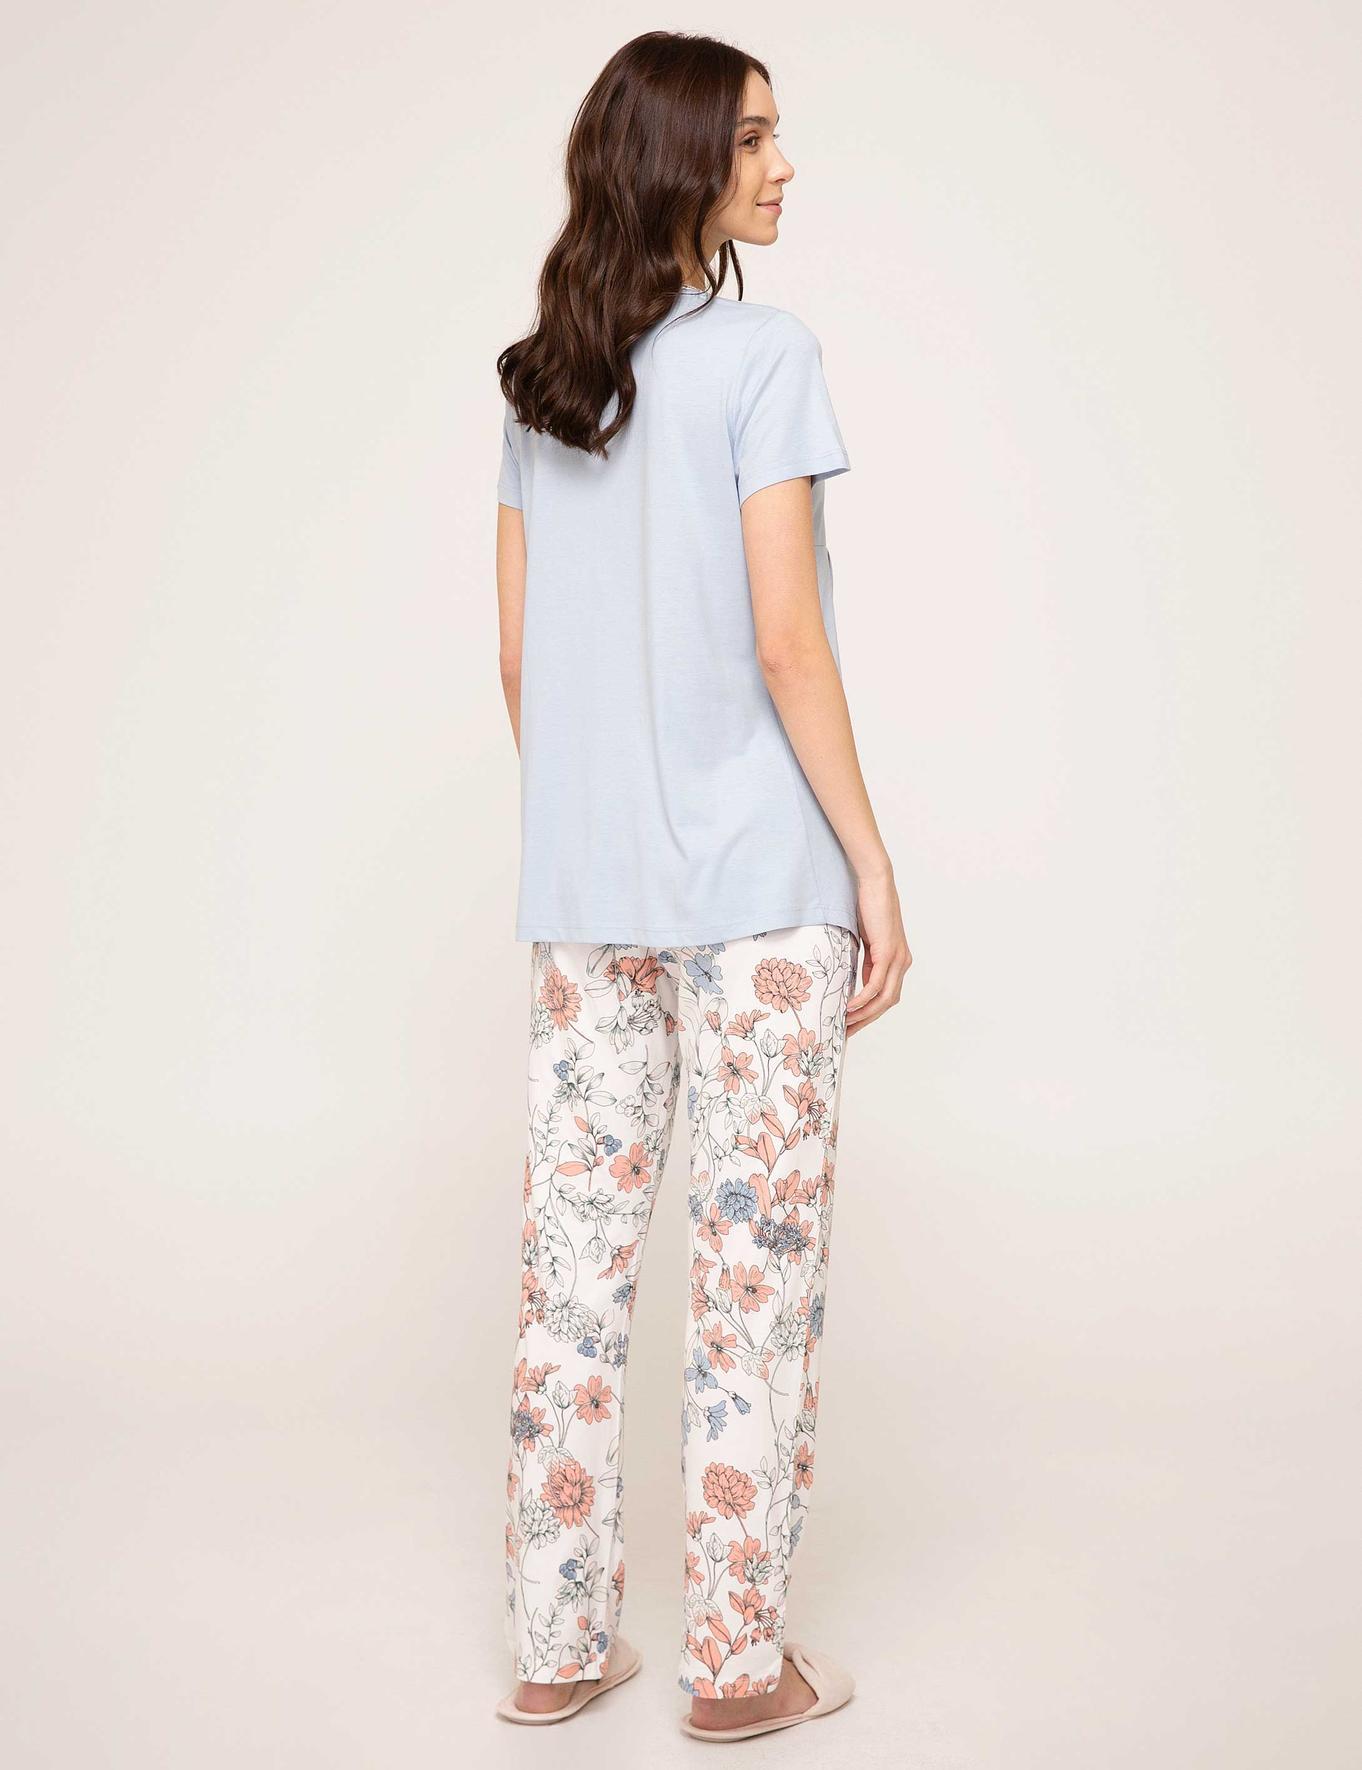 Mavi Lohusa Pijama Takımı